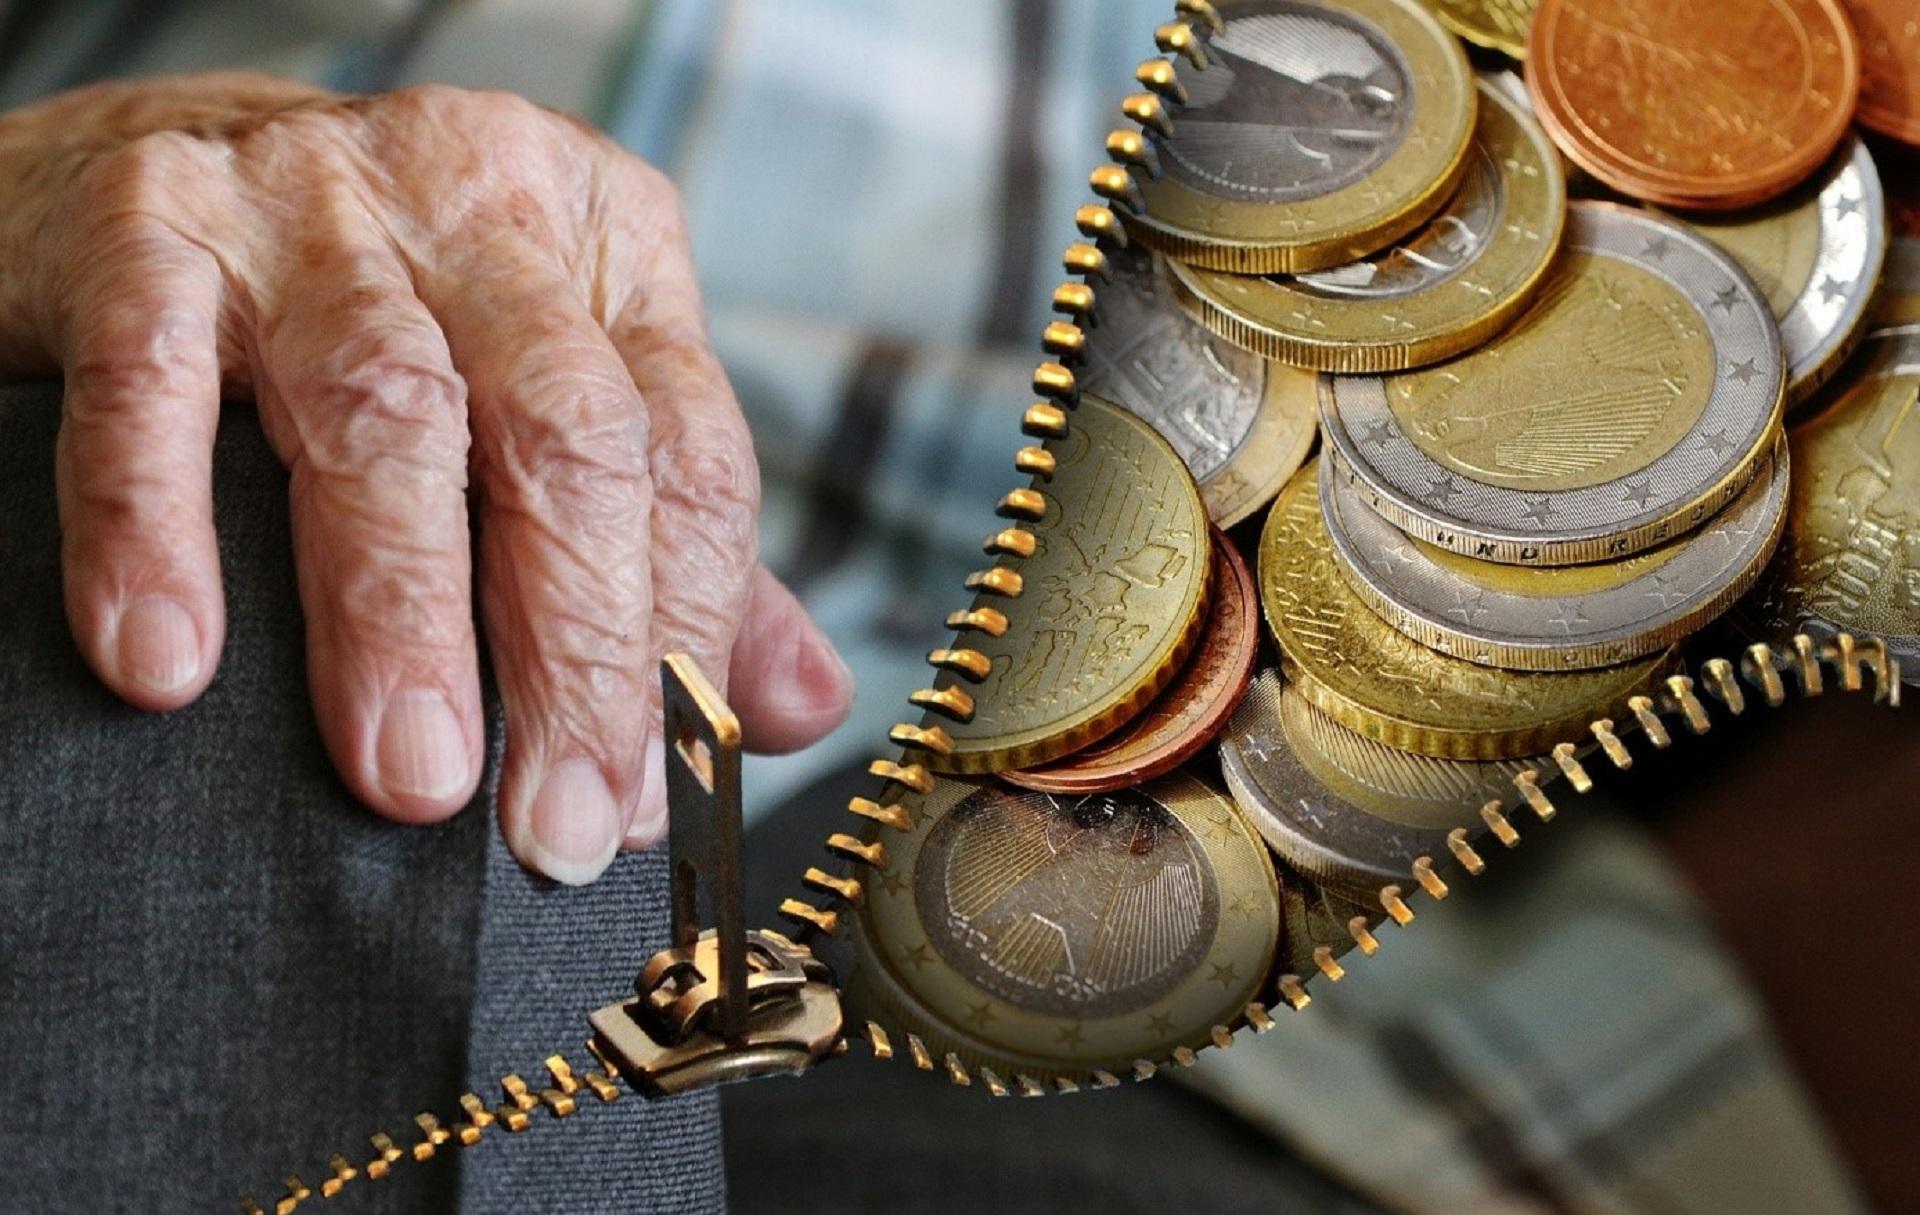 Uzná banka invalidní/starobní důchod jako příjem?